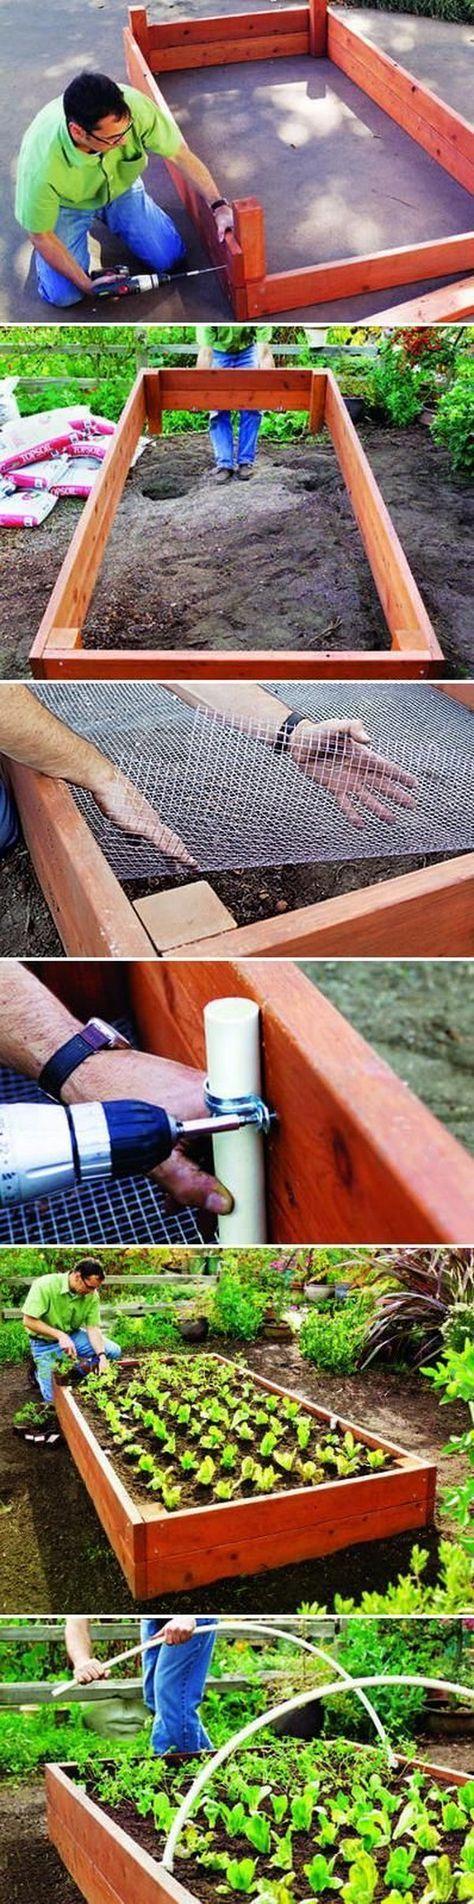 Pvc buizen bevestigingsmethode!             How To Build A Simple Cedar Raise Garden Bed.